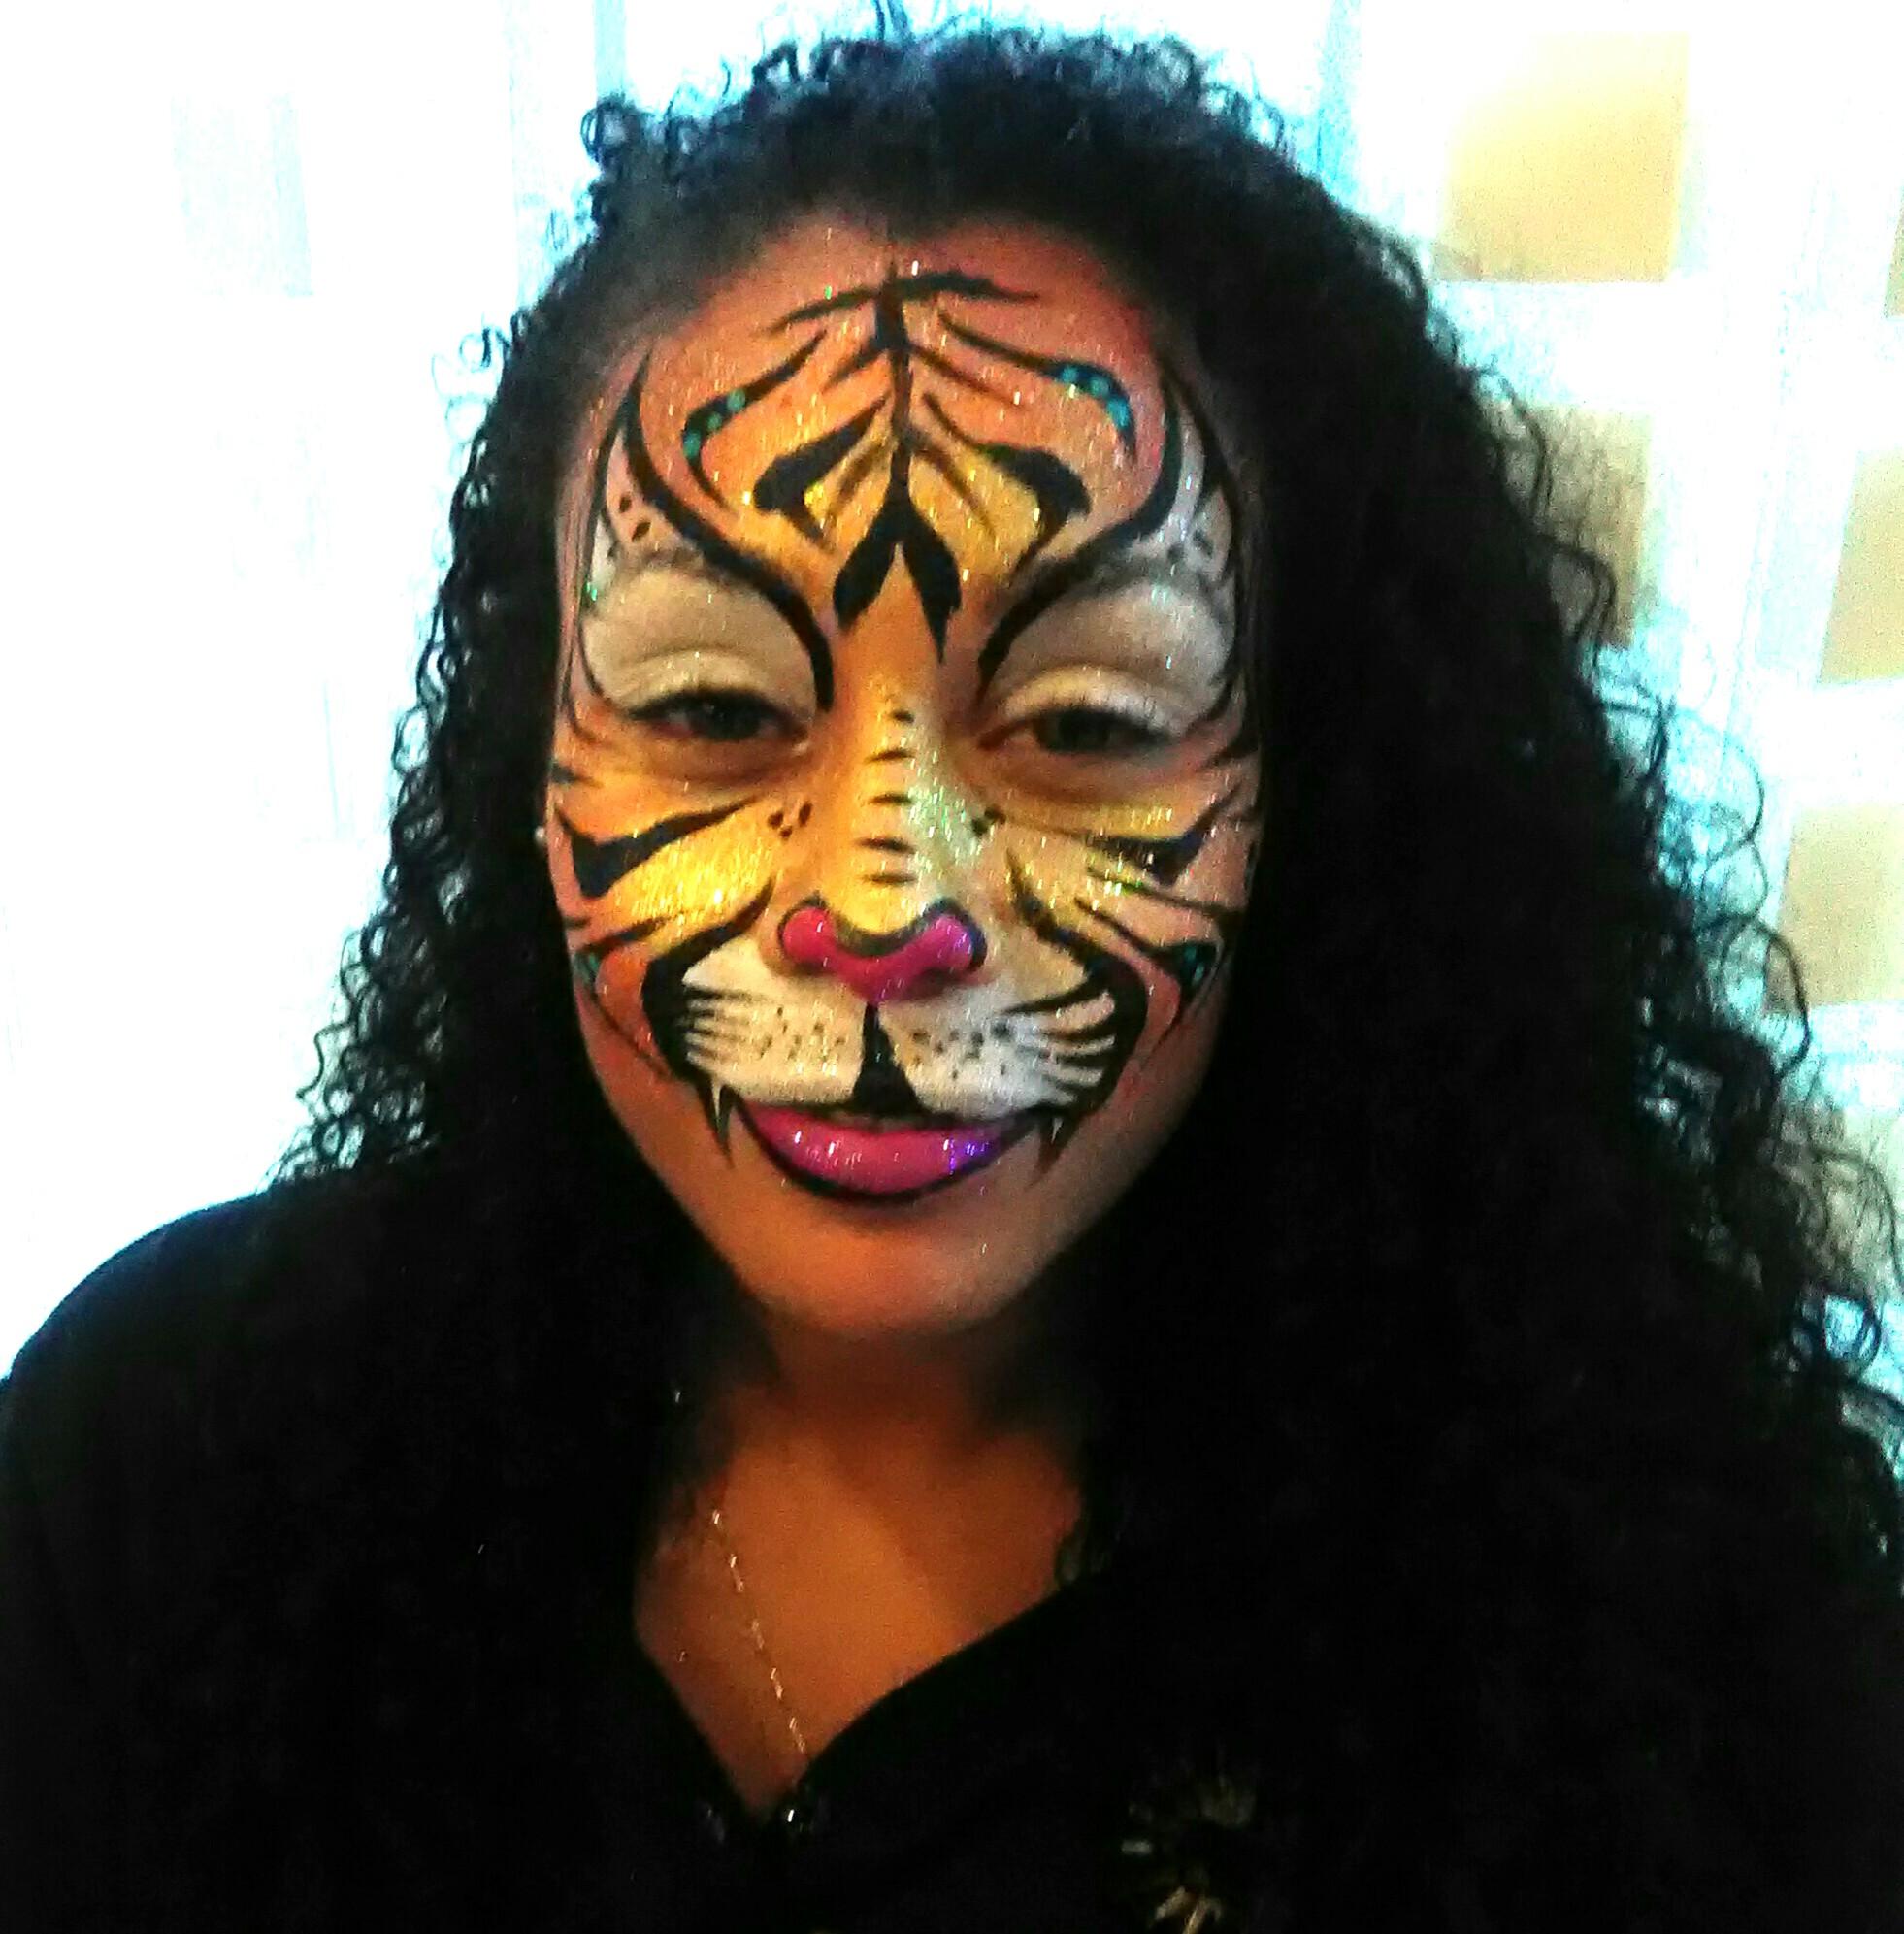 Tigress face paint